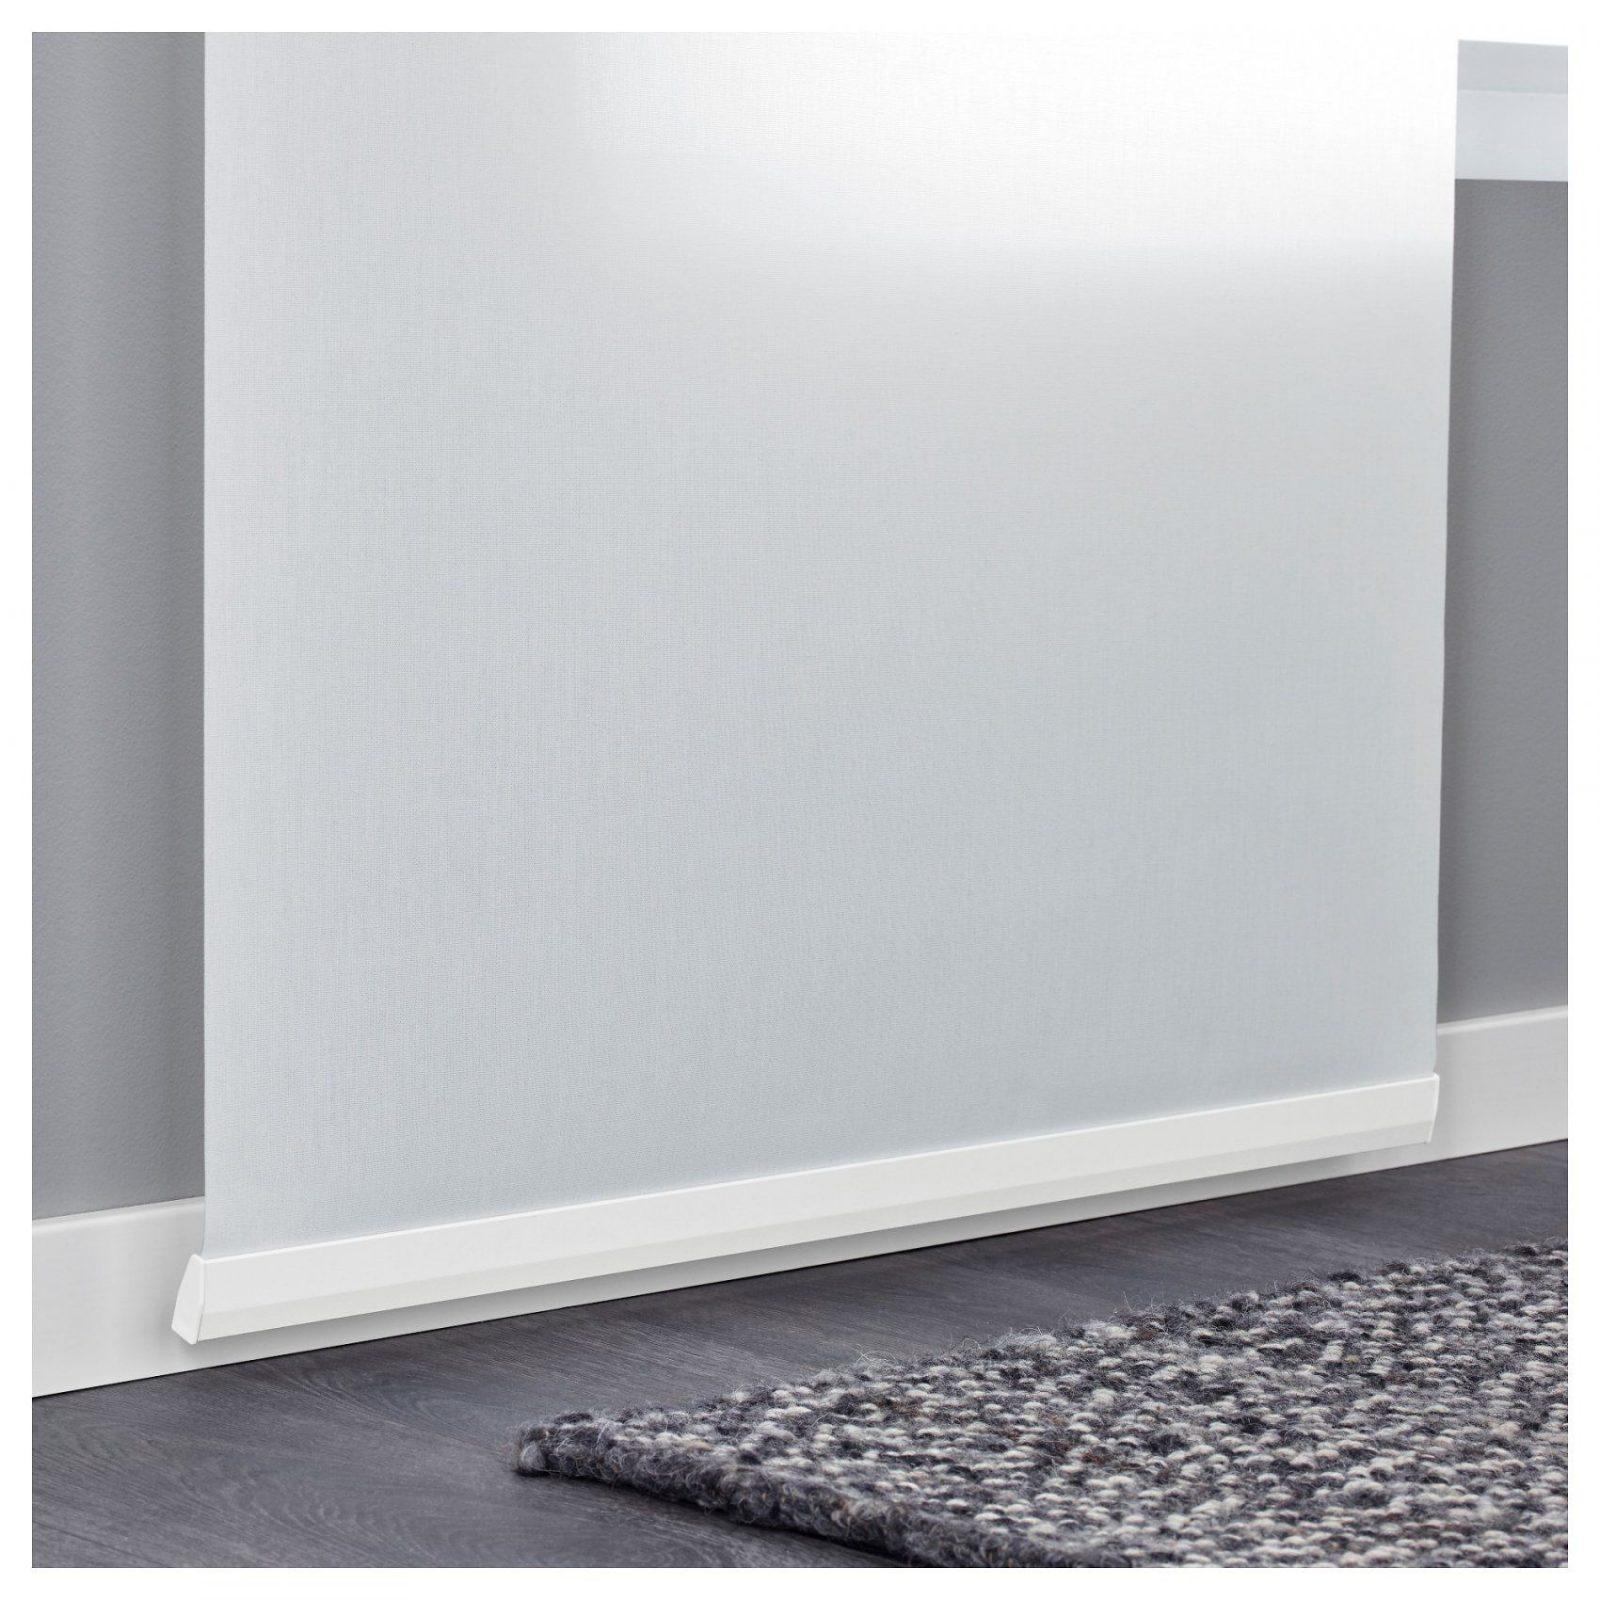 Vidga Halter Für Schiebegardine  Ikea von Bilder Aufhängen Schiene Ikea Bild